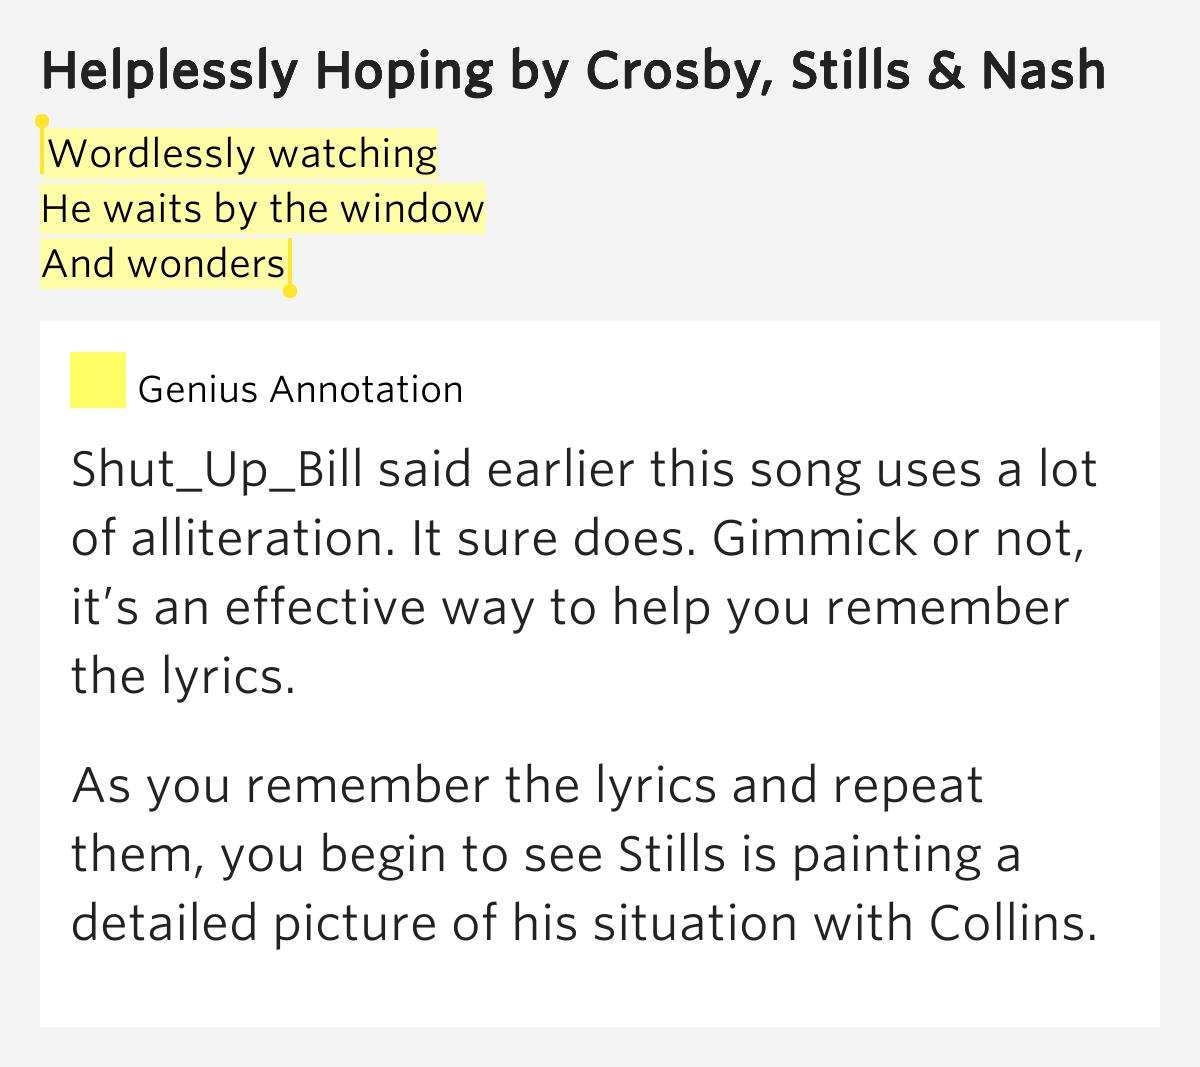 Helplessly Hoping lyrics by Crosby, Stills & Nash, 2 ...